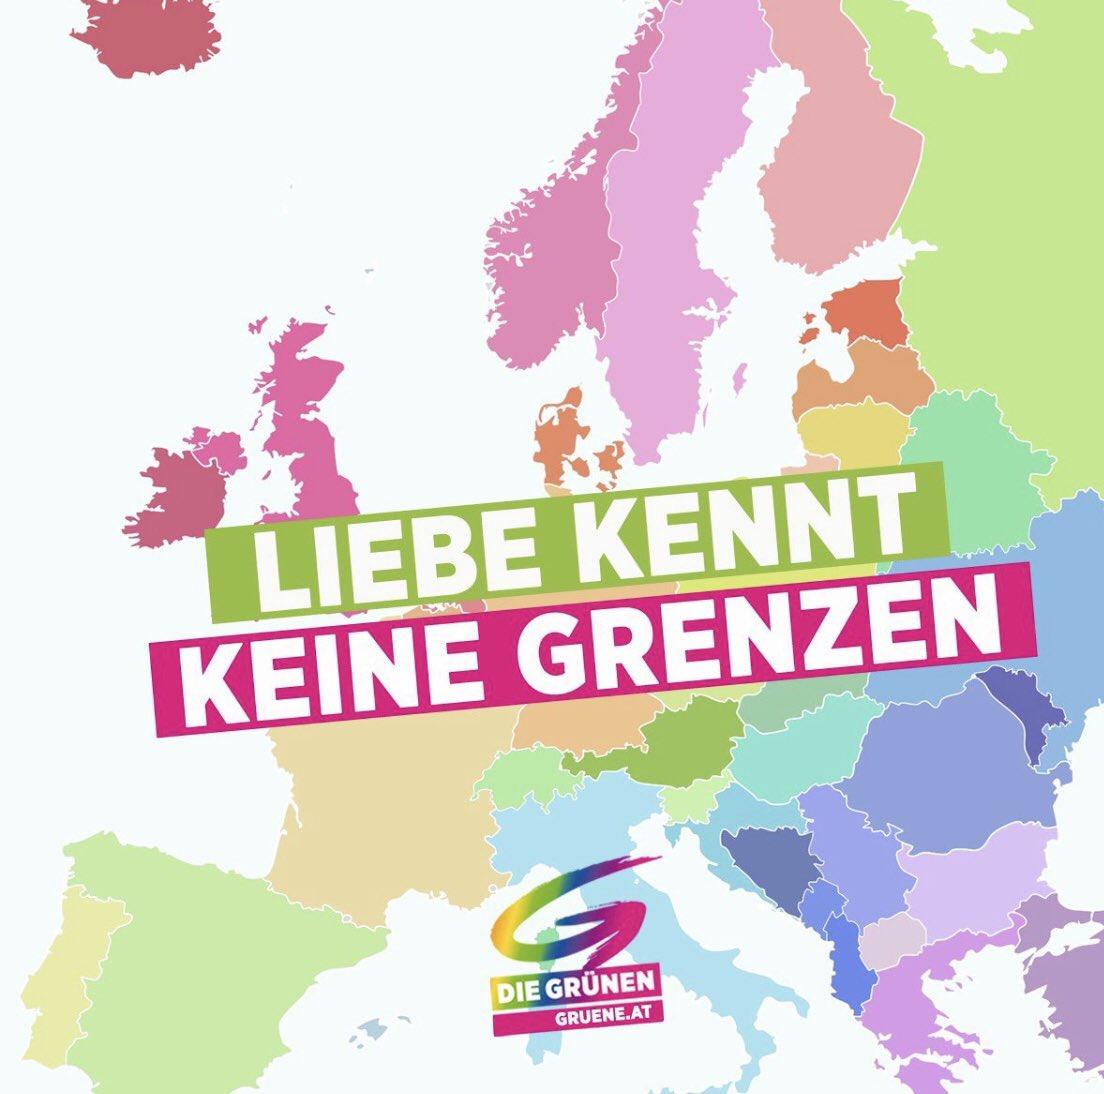 Wie wunderbar #Lesben und #Schwule können jetzt auch endlich in Österreich heiraten!      Freude#LiebeIstLiebe #Liebekenntkeinegrenzen und #freudekenntkeinegrenzen #ehefürallepic.twitter.com/O6s9eAZNHG